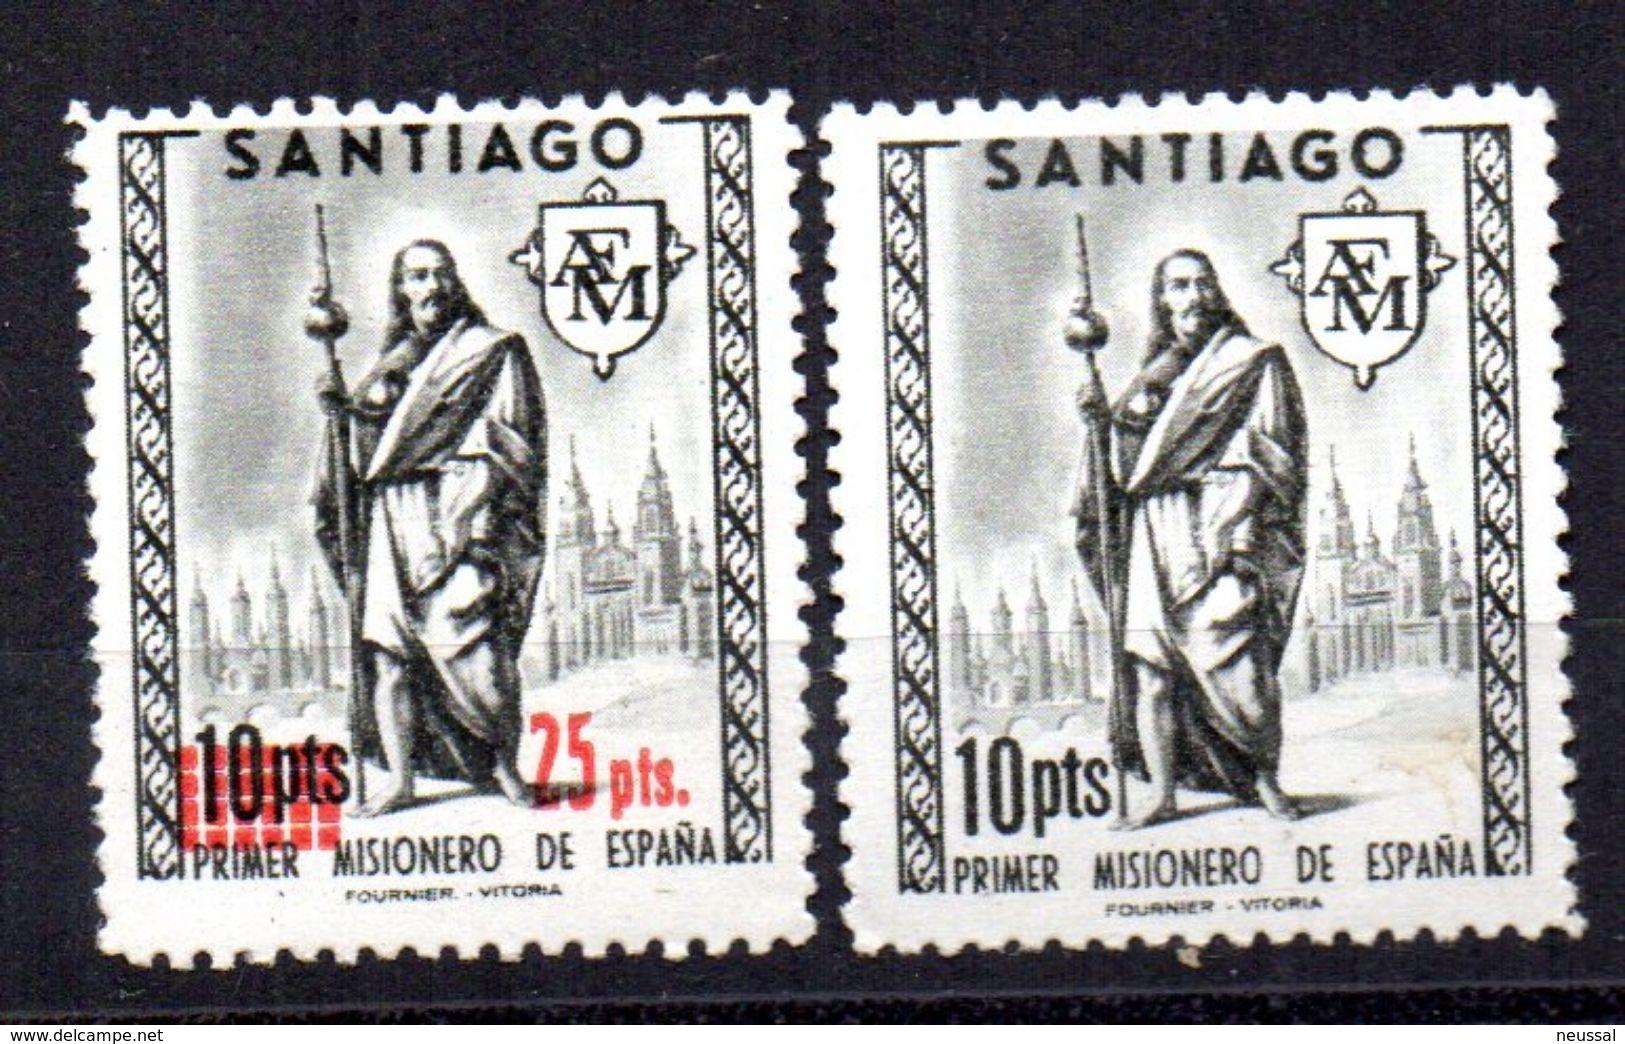 2 Viñetas Misionero De España Santiago. - España